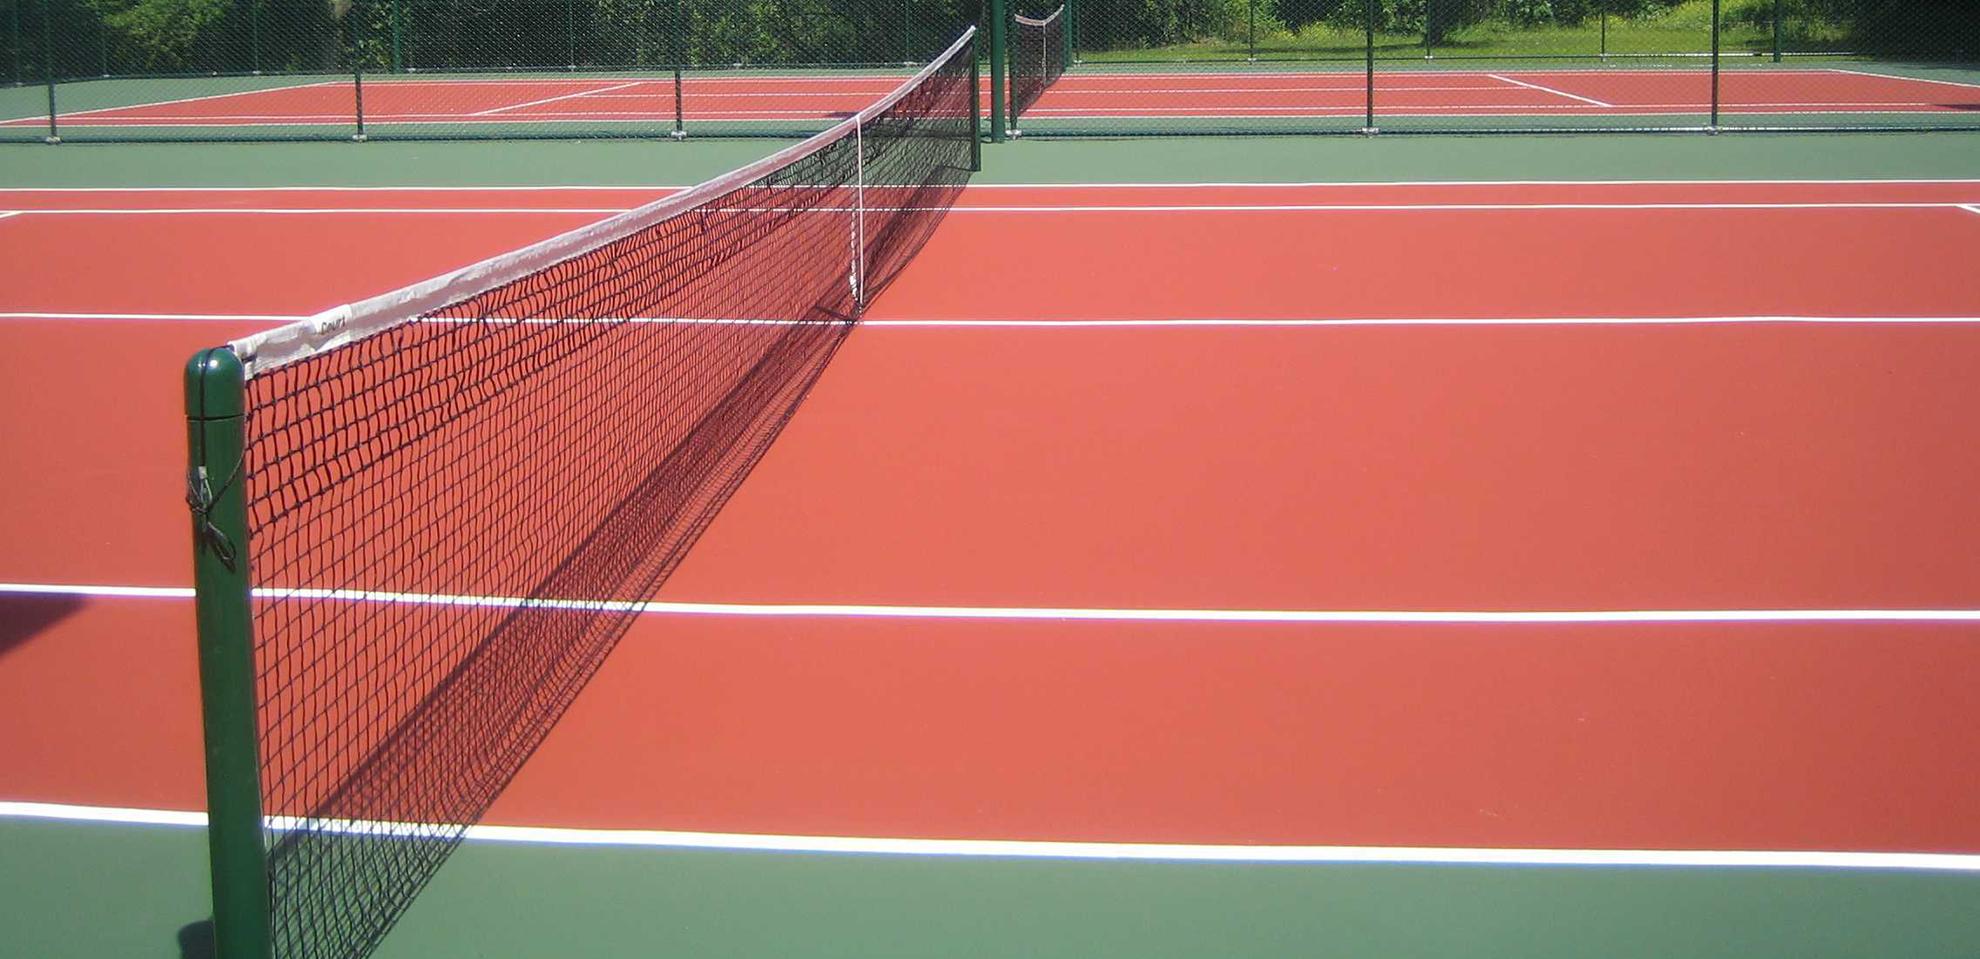 Tenis-Kortları-601